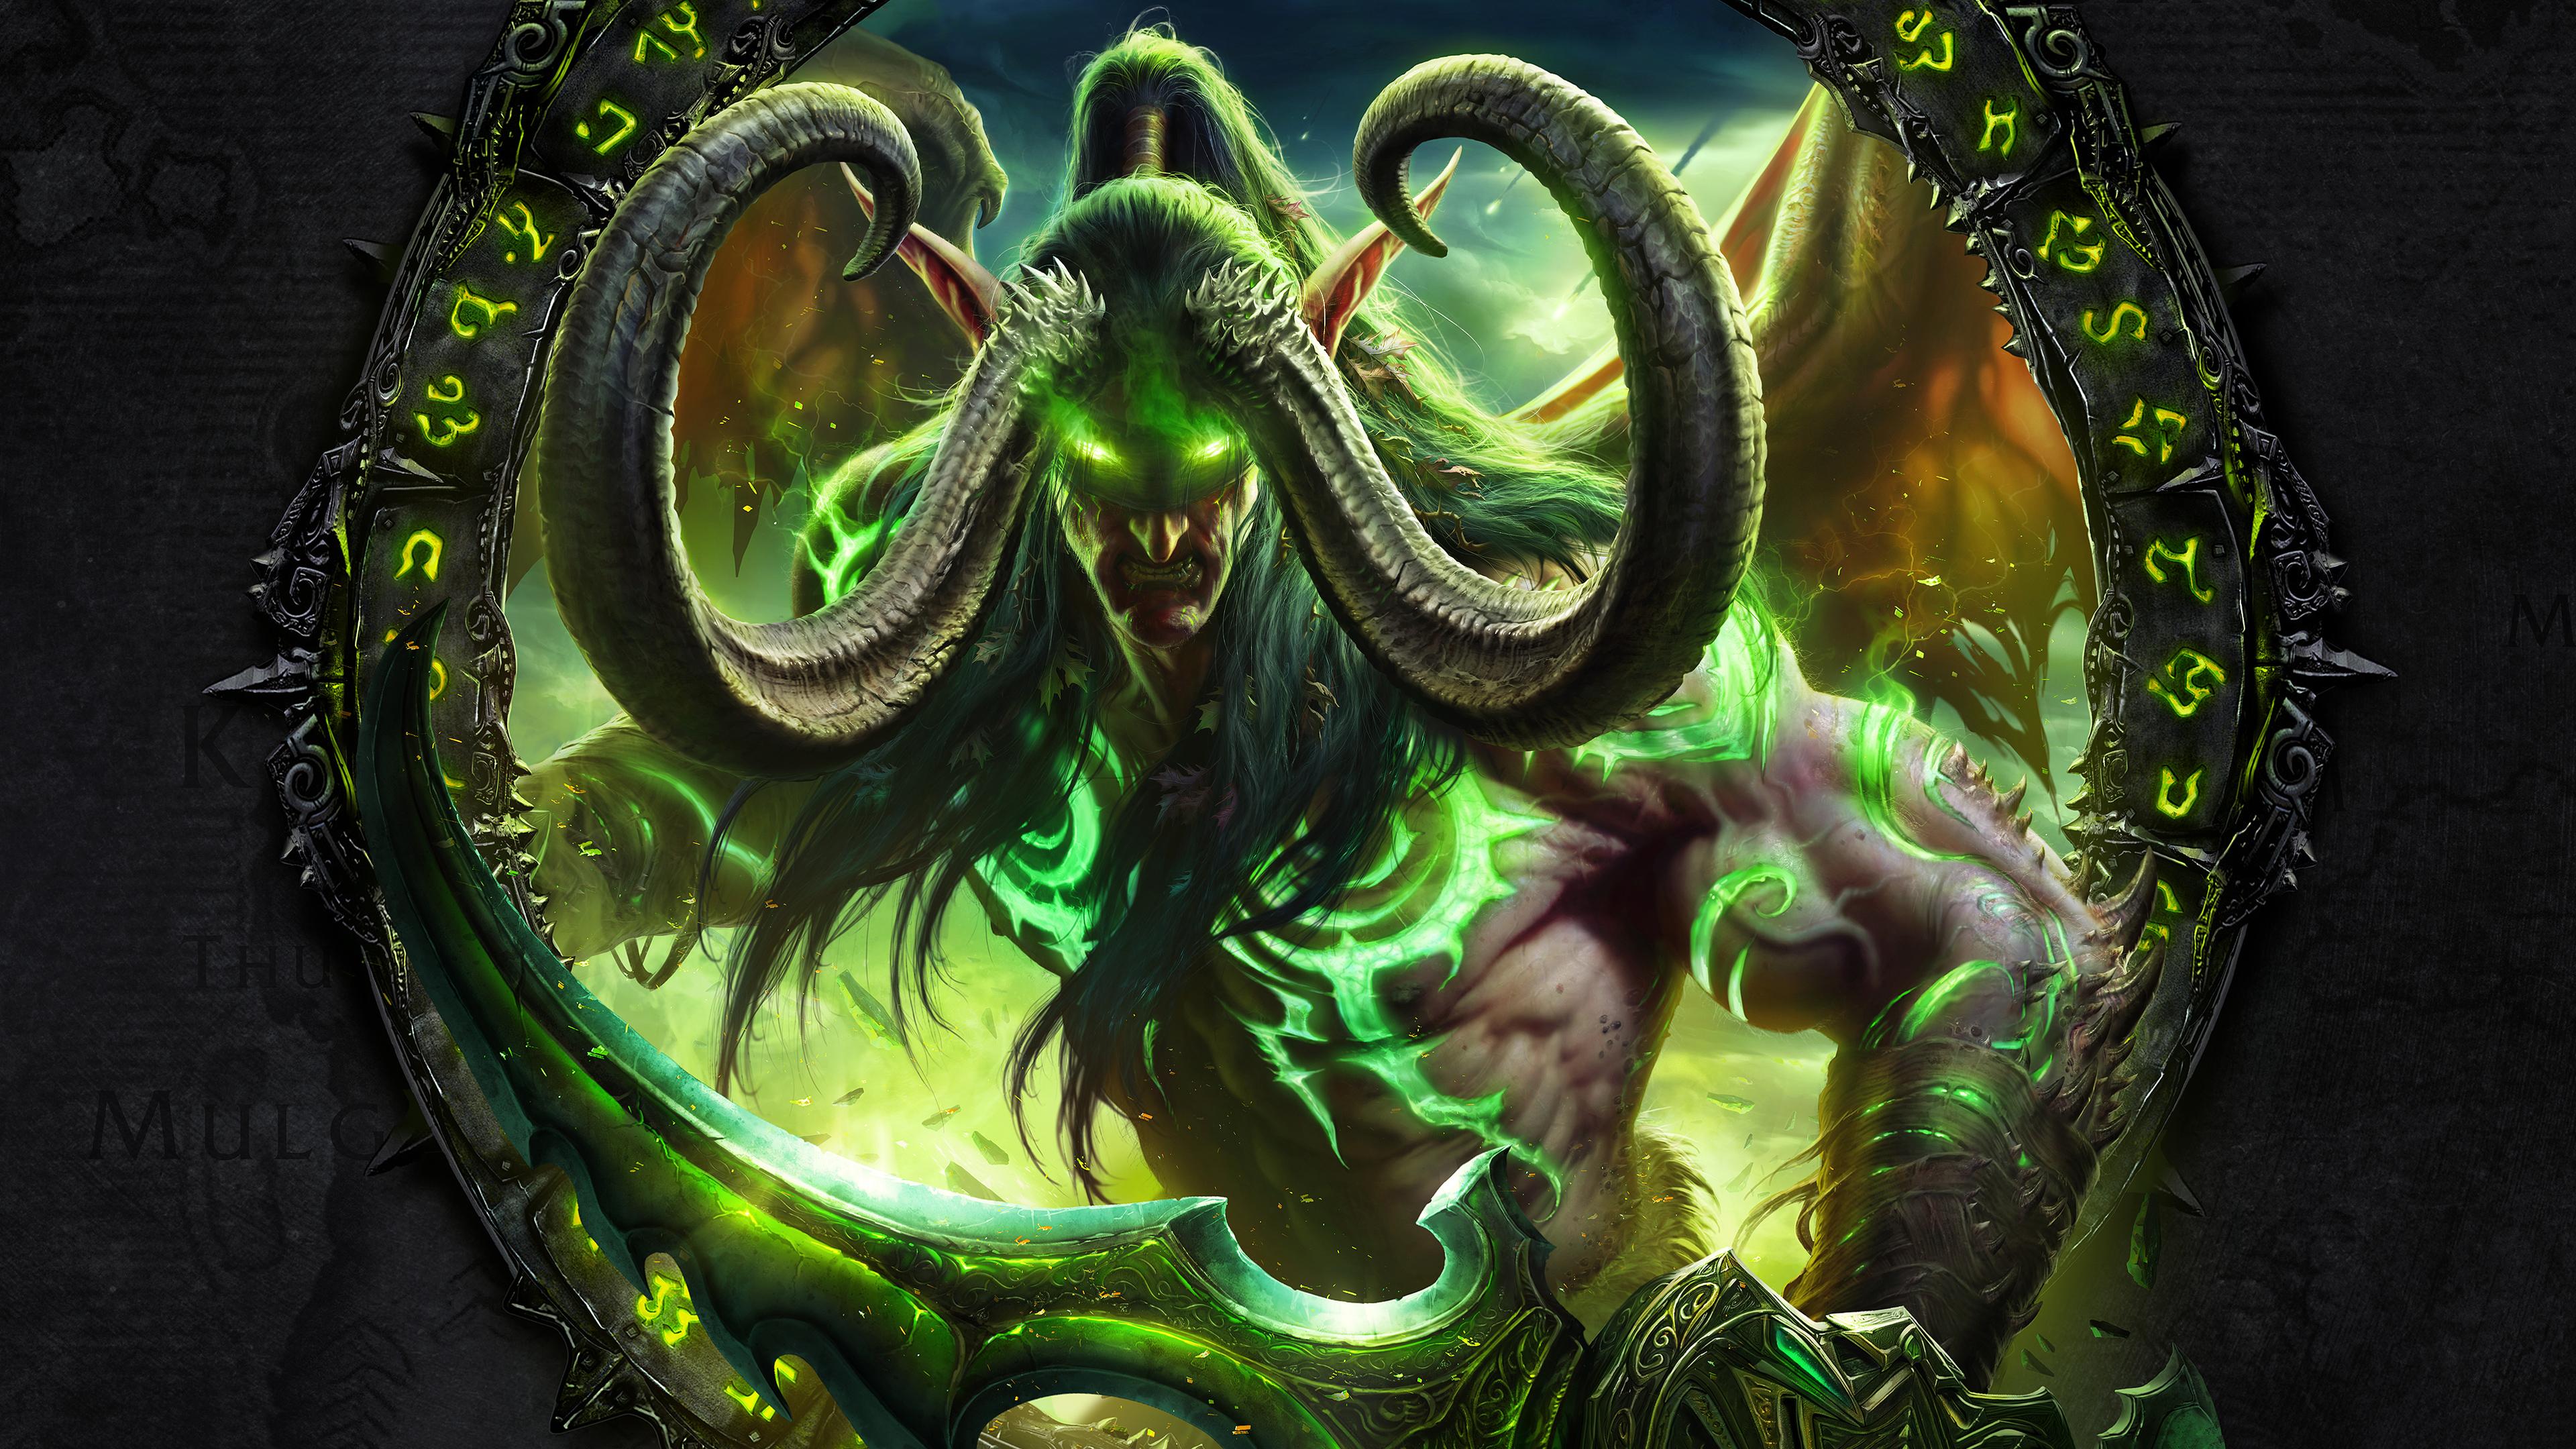 3840x2160 World Of Warcraft Legion 4k 4k HD 4k Wallpapers